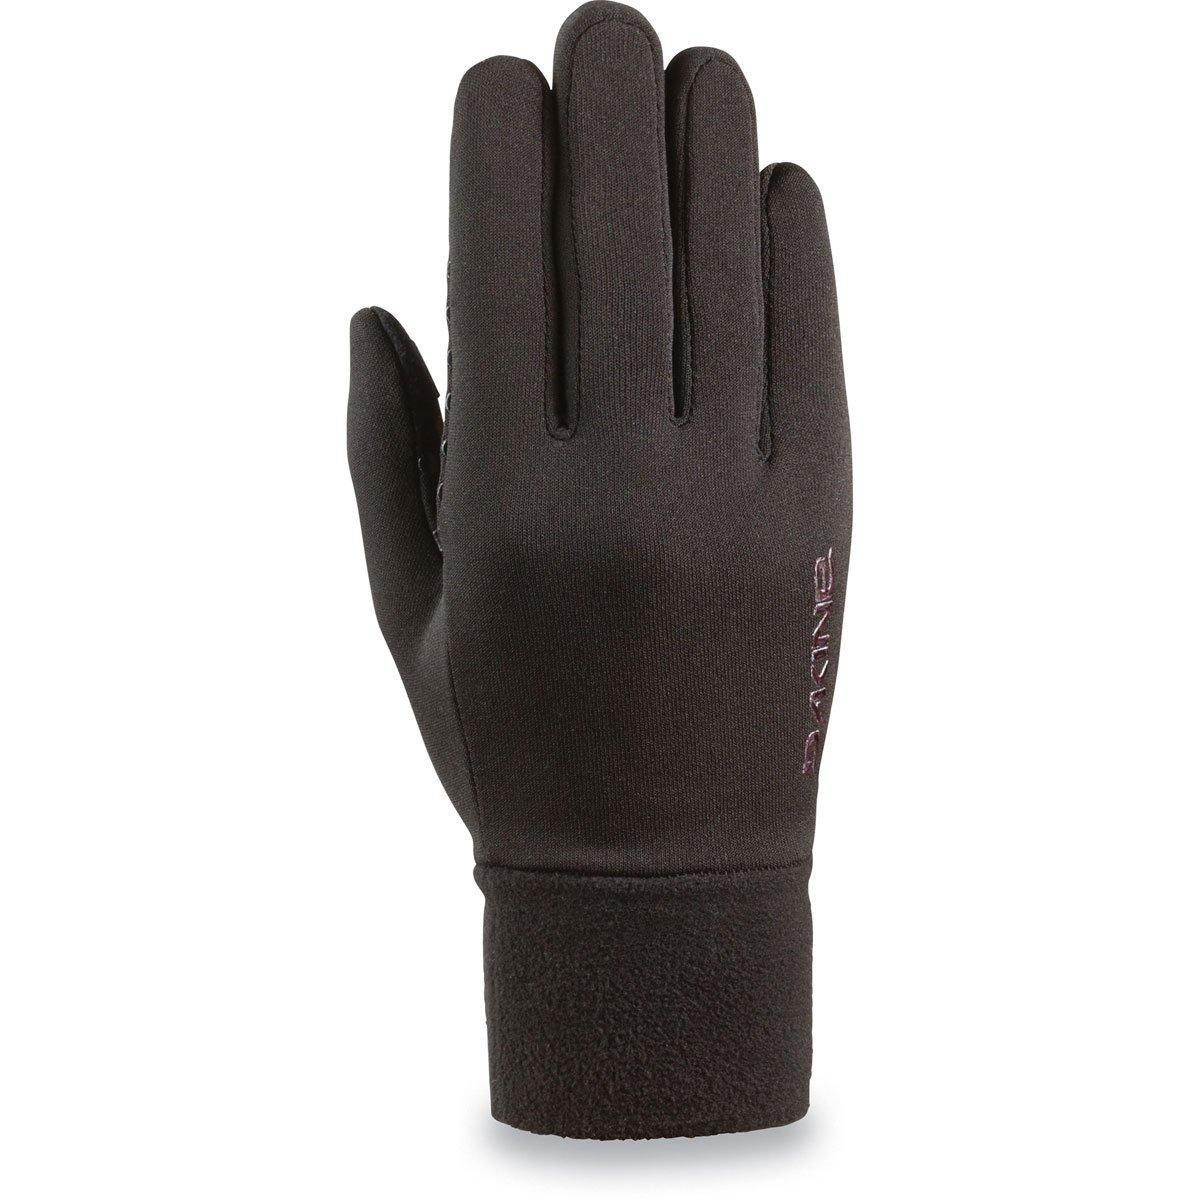 Dakine Women's Storm Liner Glove